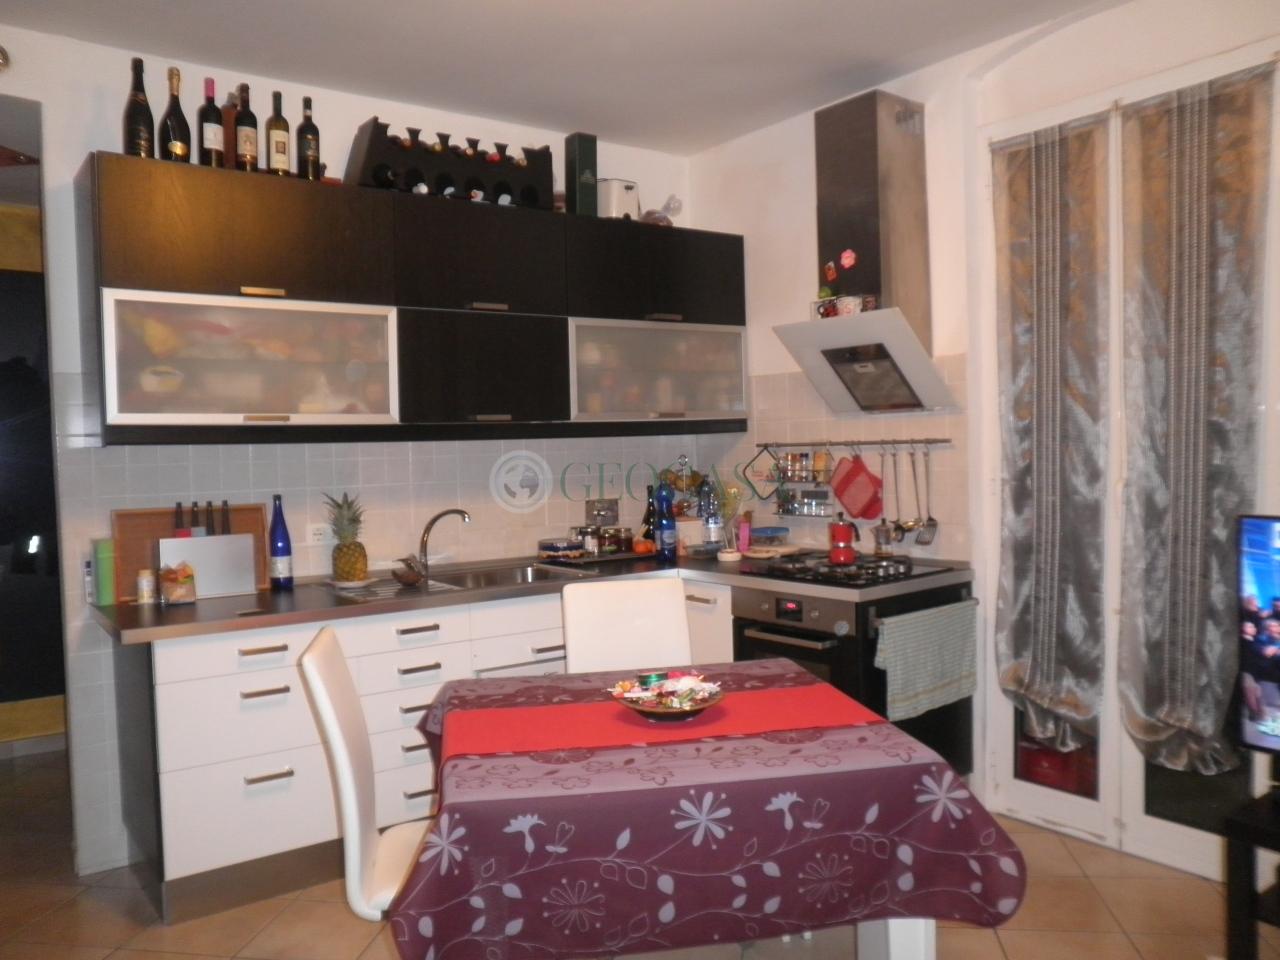 Appartamento in vendita a La Spezia, 2 locali, prezzo € 85.000 | CambioCasa.it